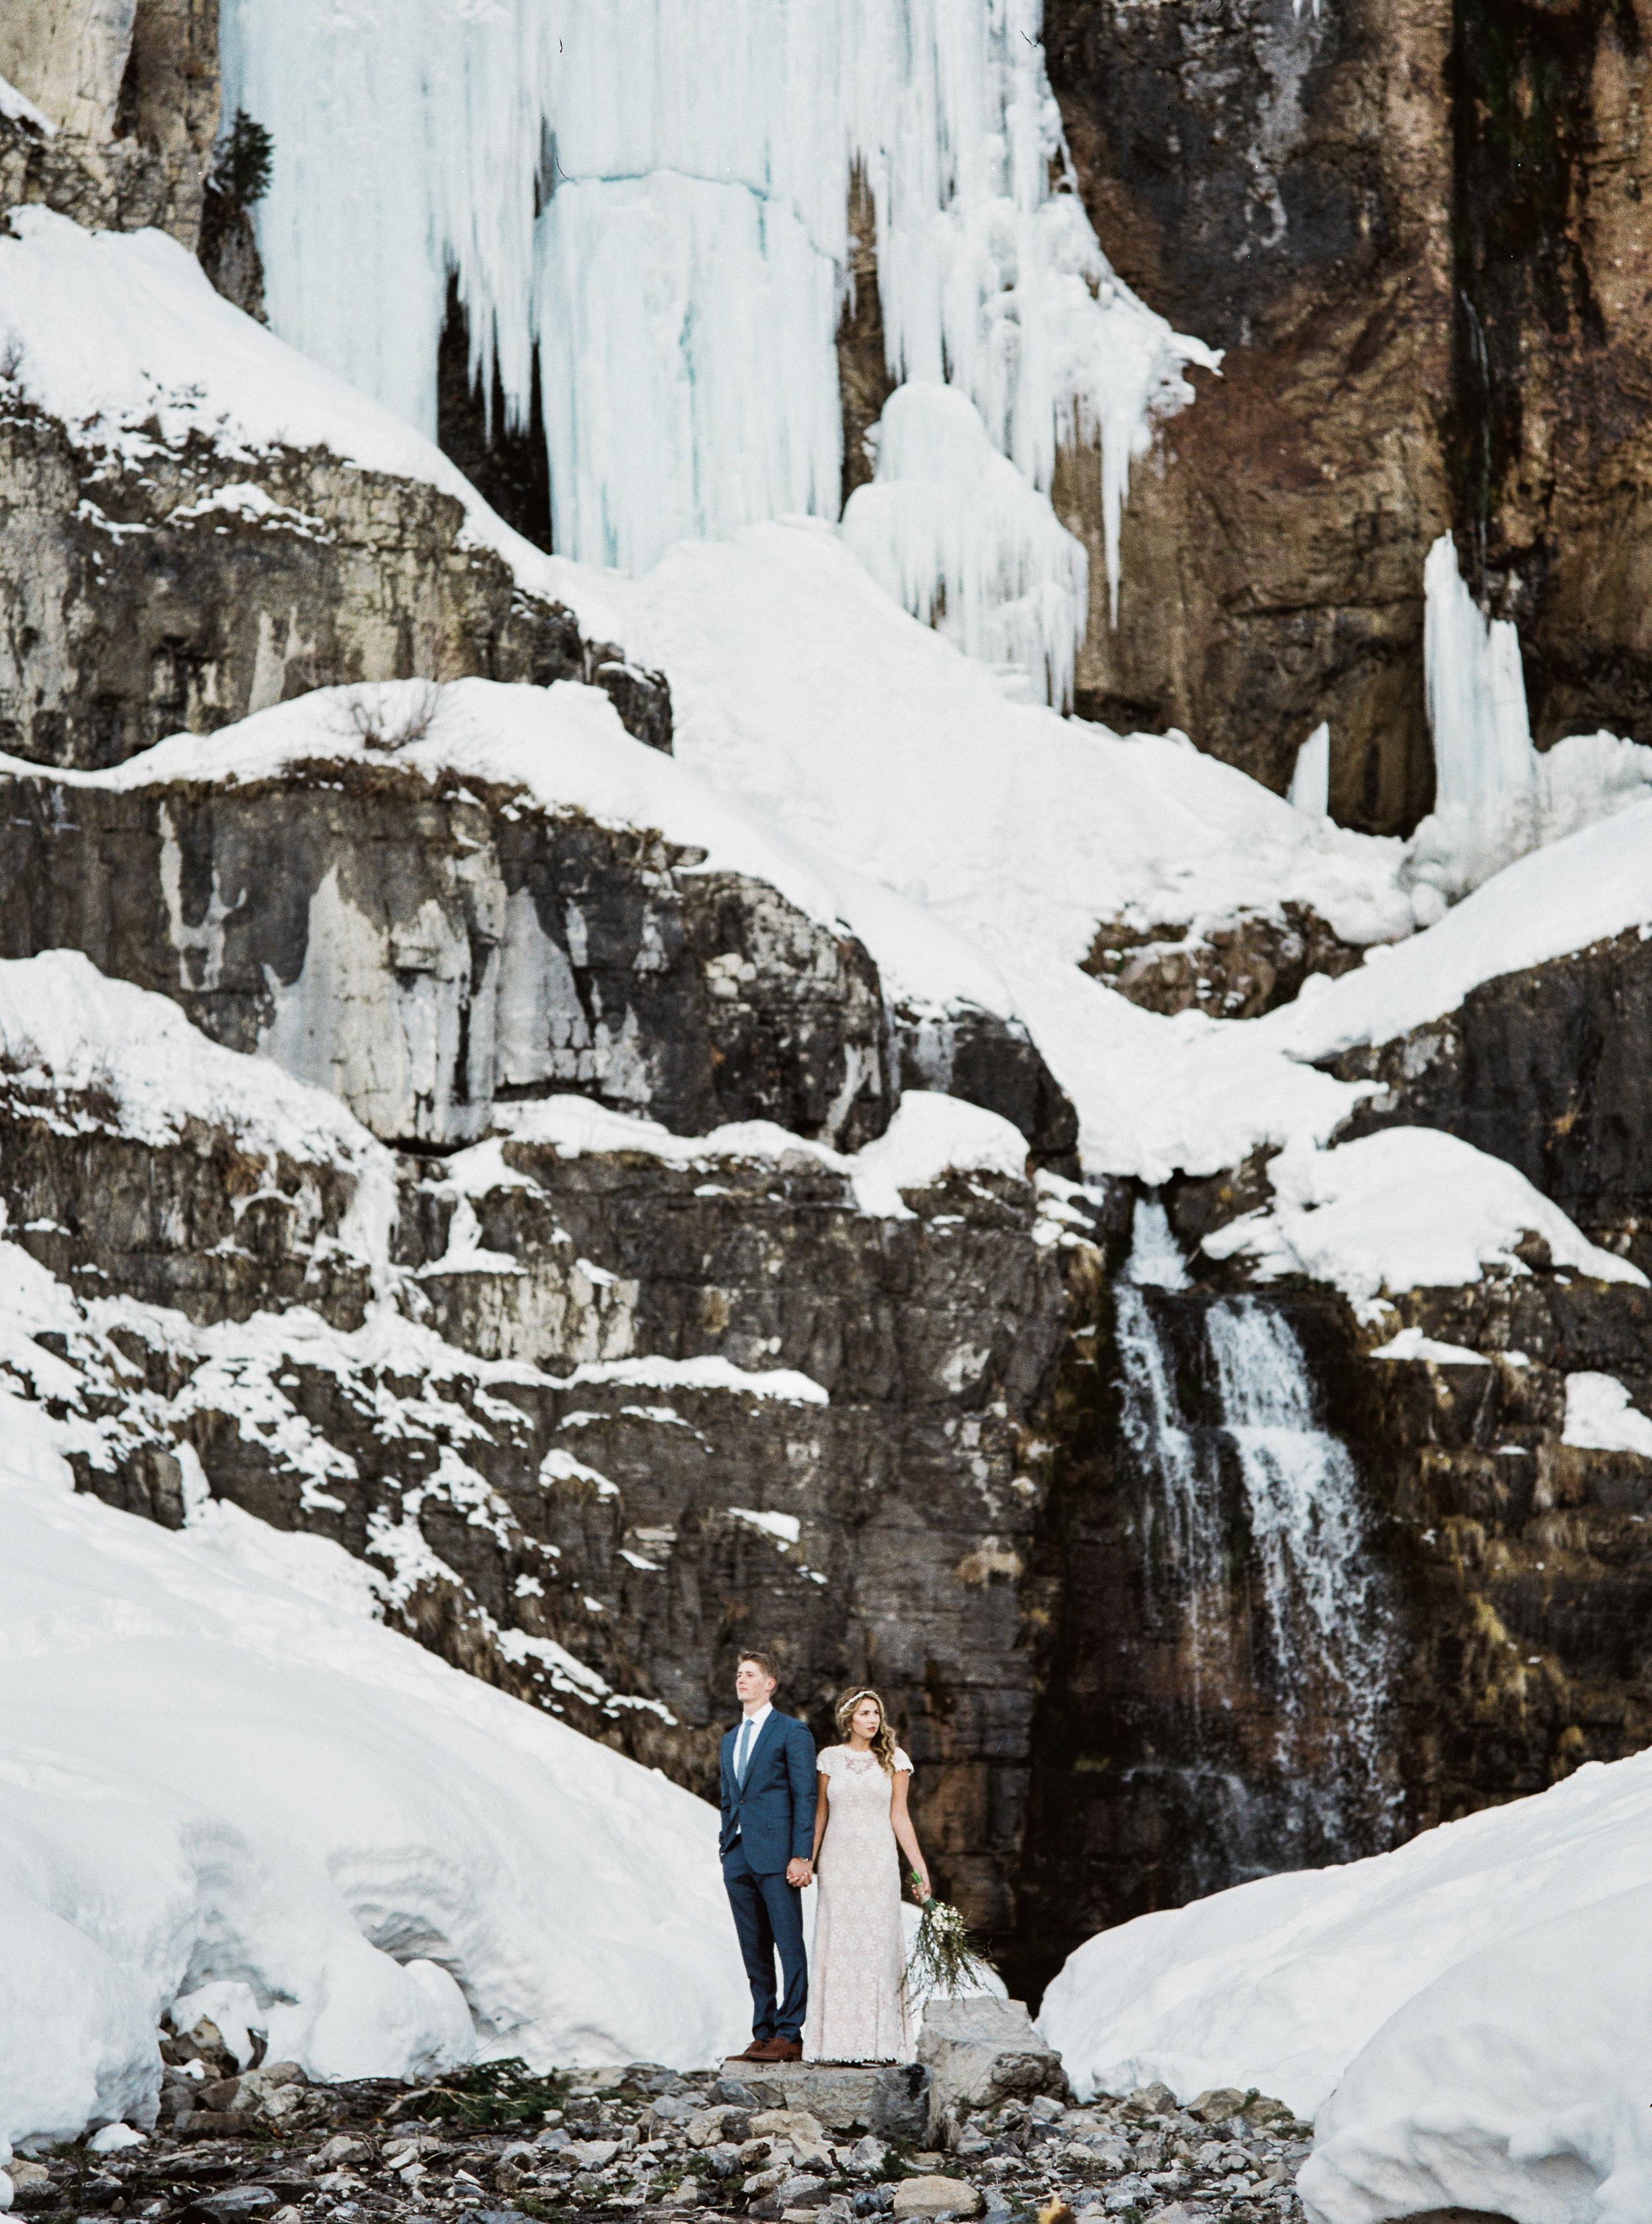 Bridal Veil Falls wedding bridals portraits film fuji 400h